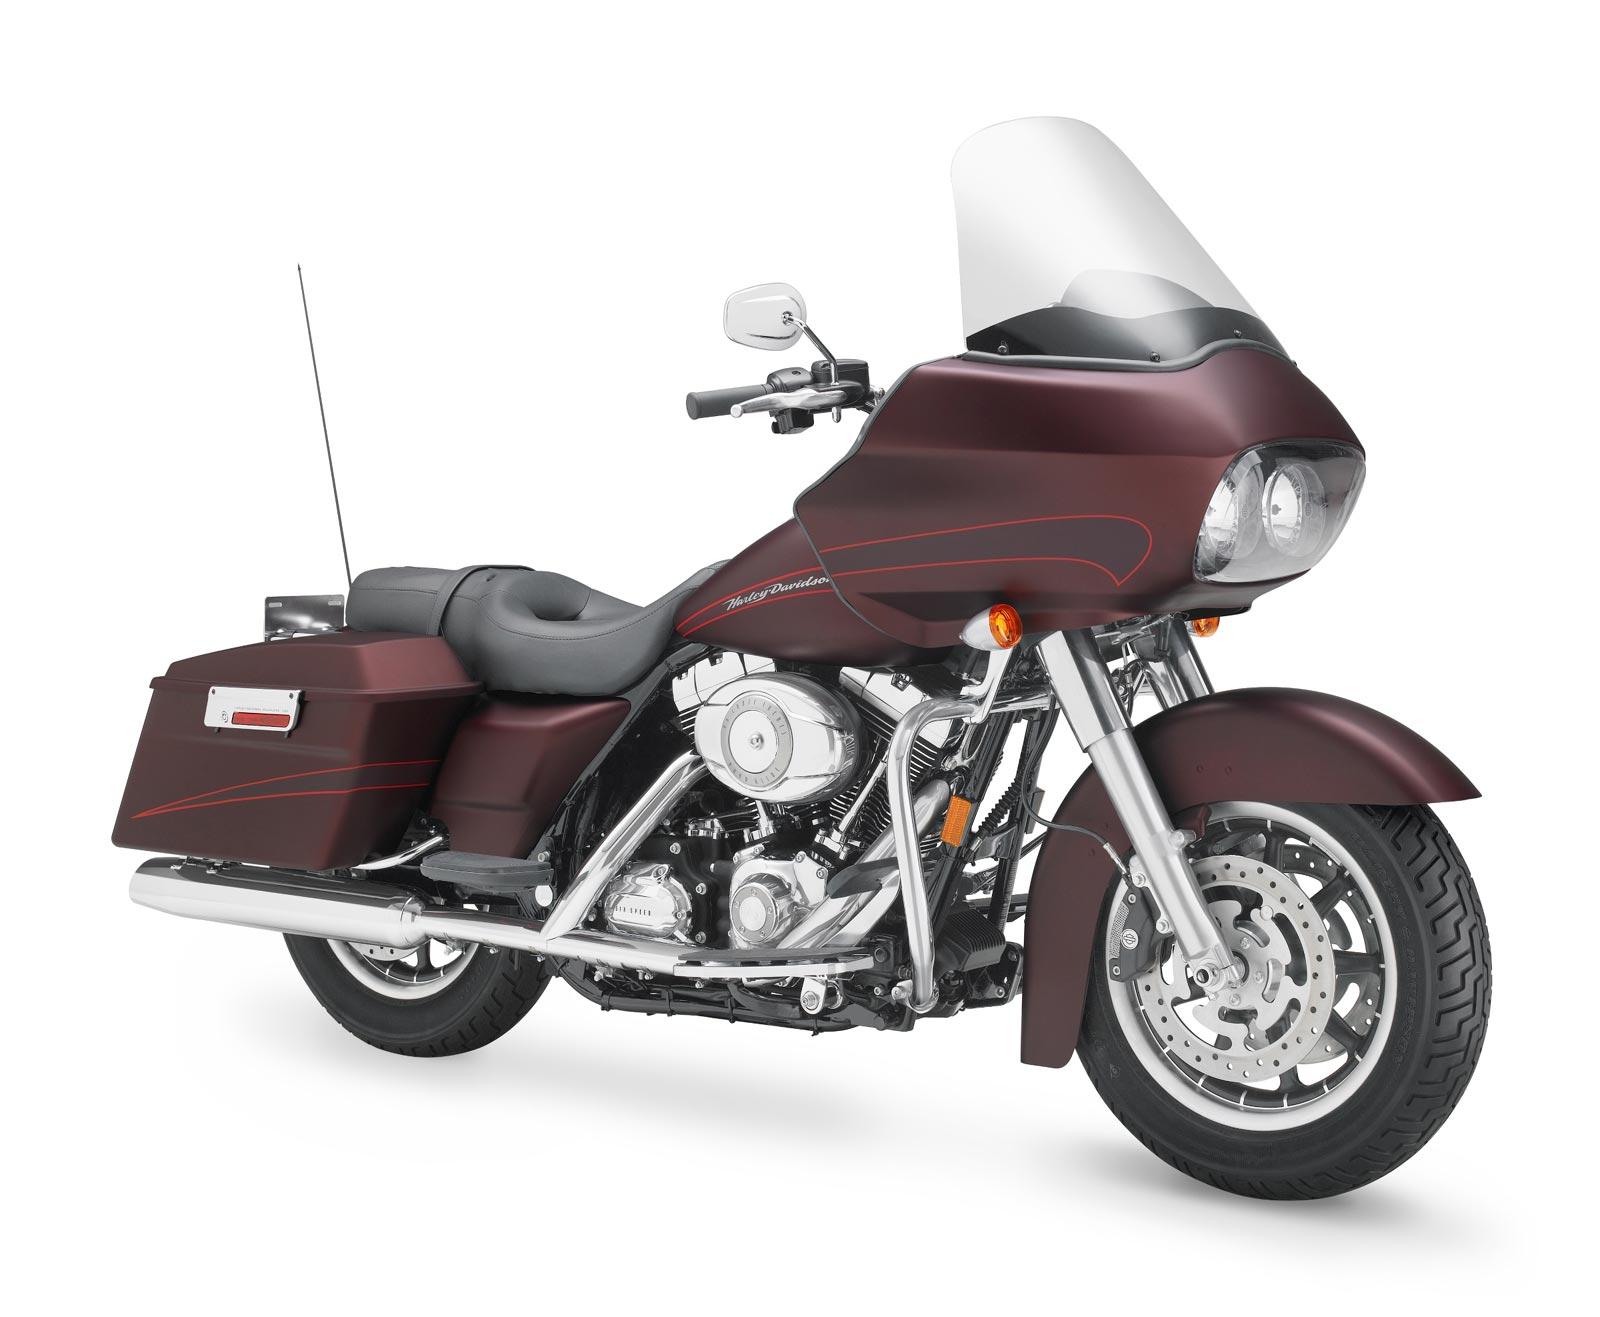 Harley Davidson Fltr Road Glide Reviews